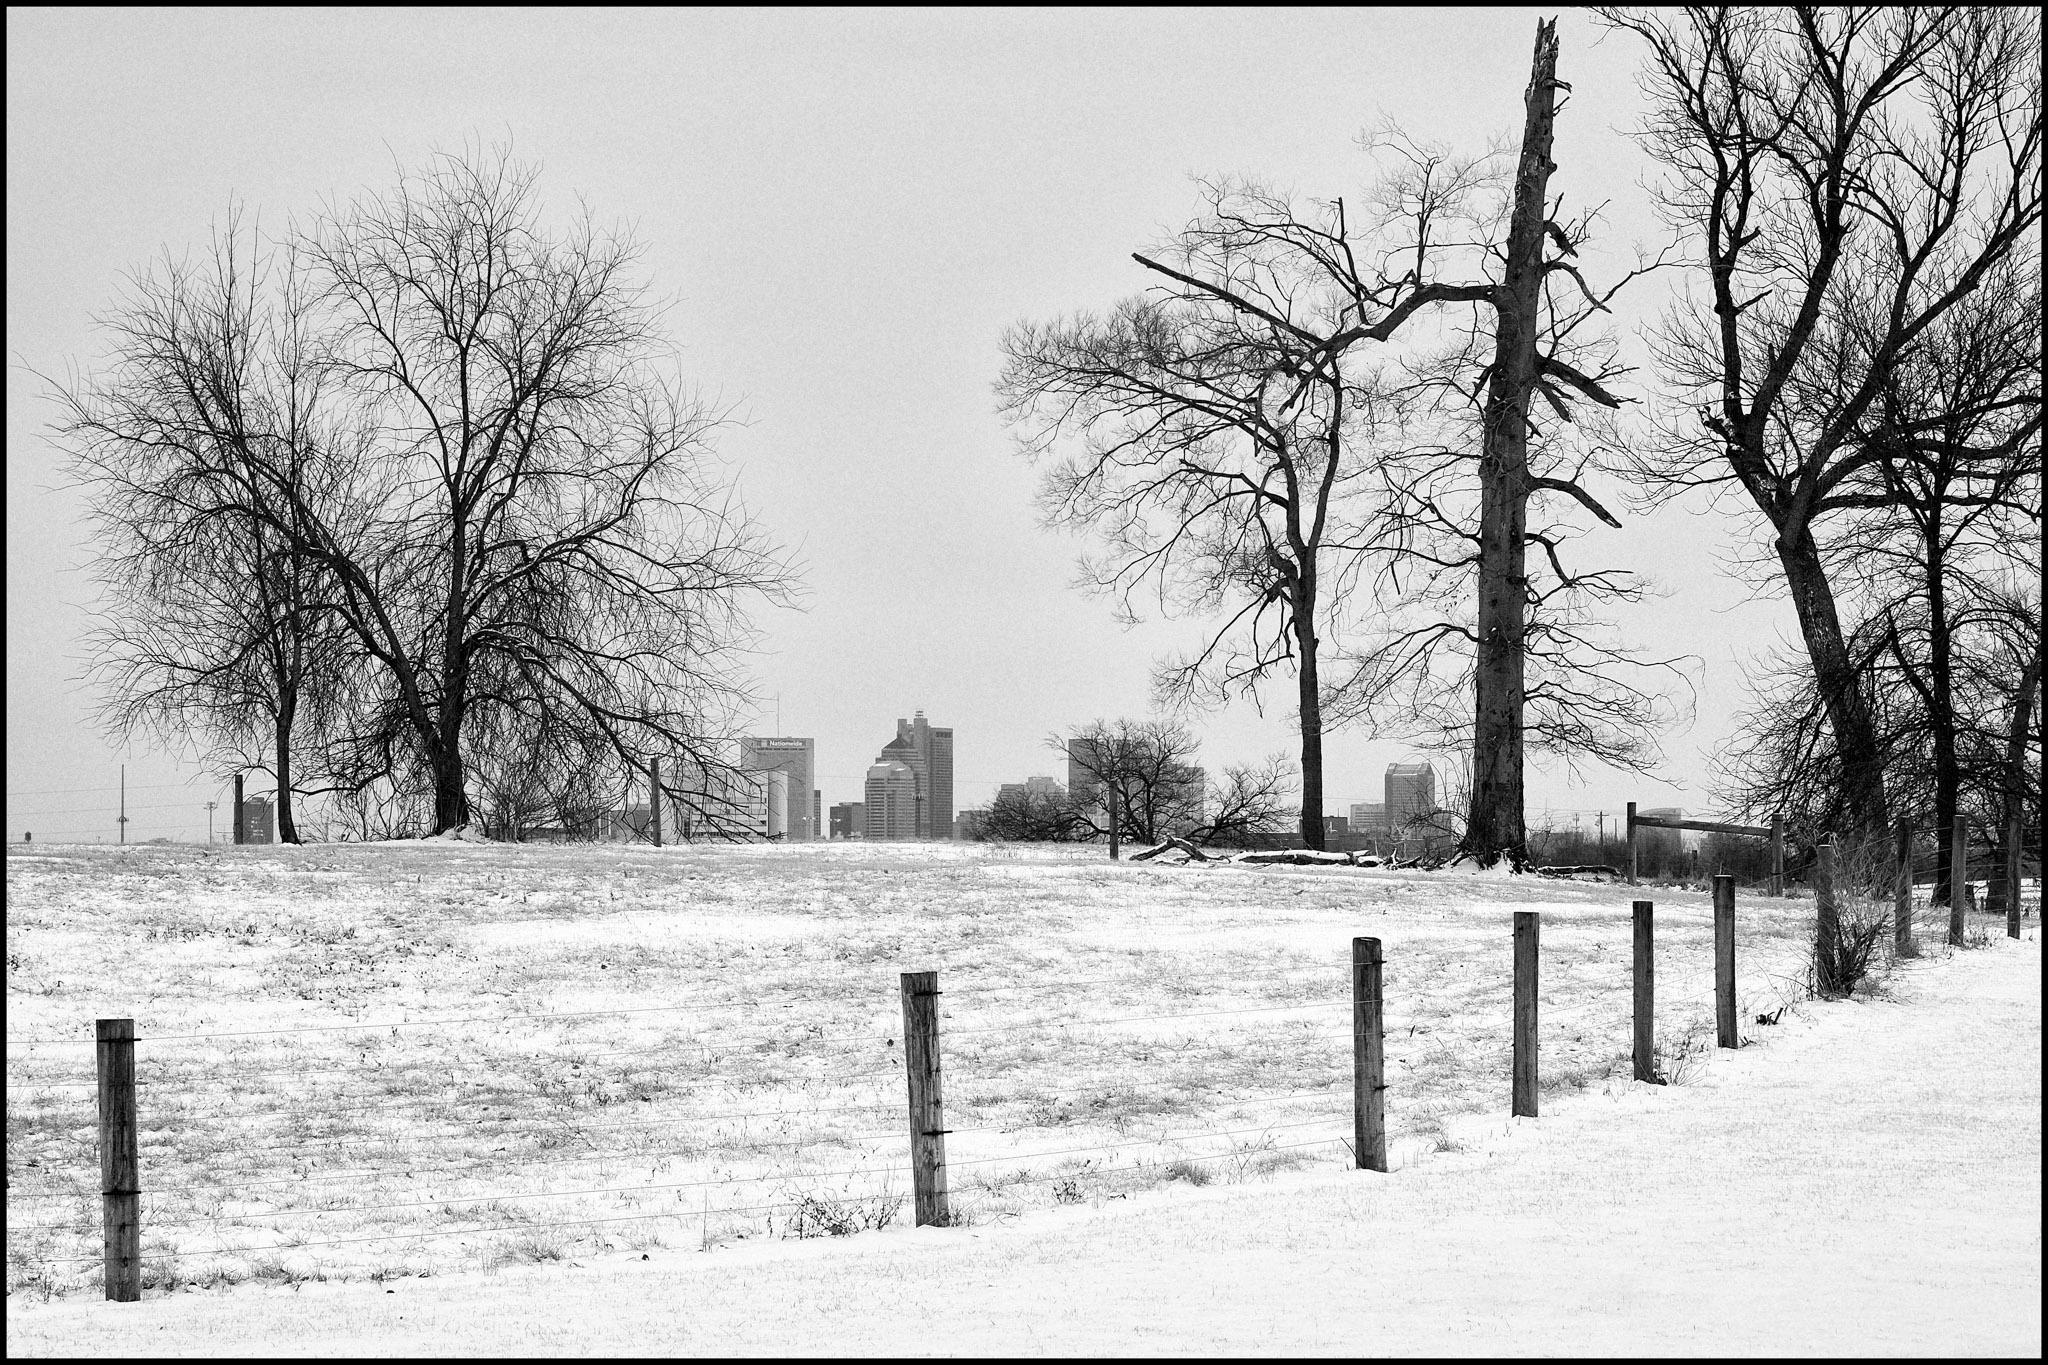 Waterman Farm in Winter #4